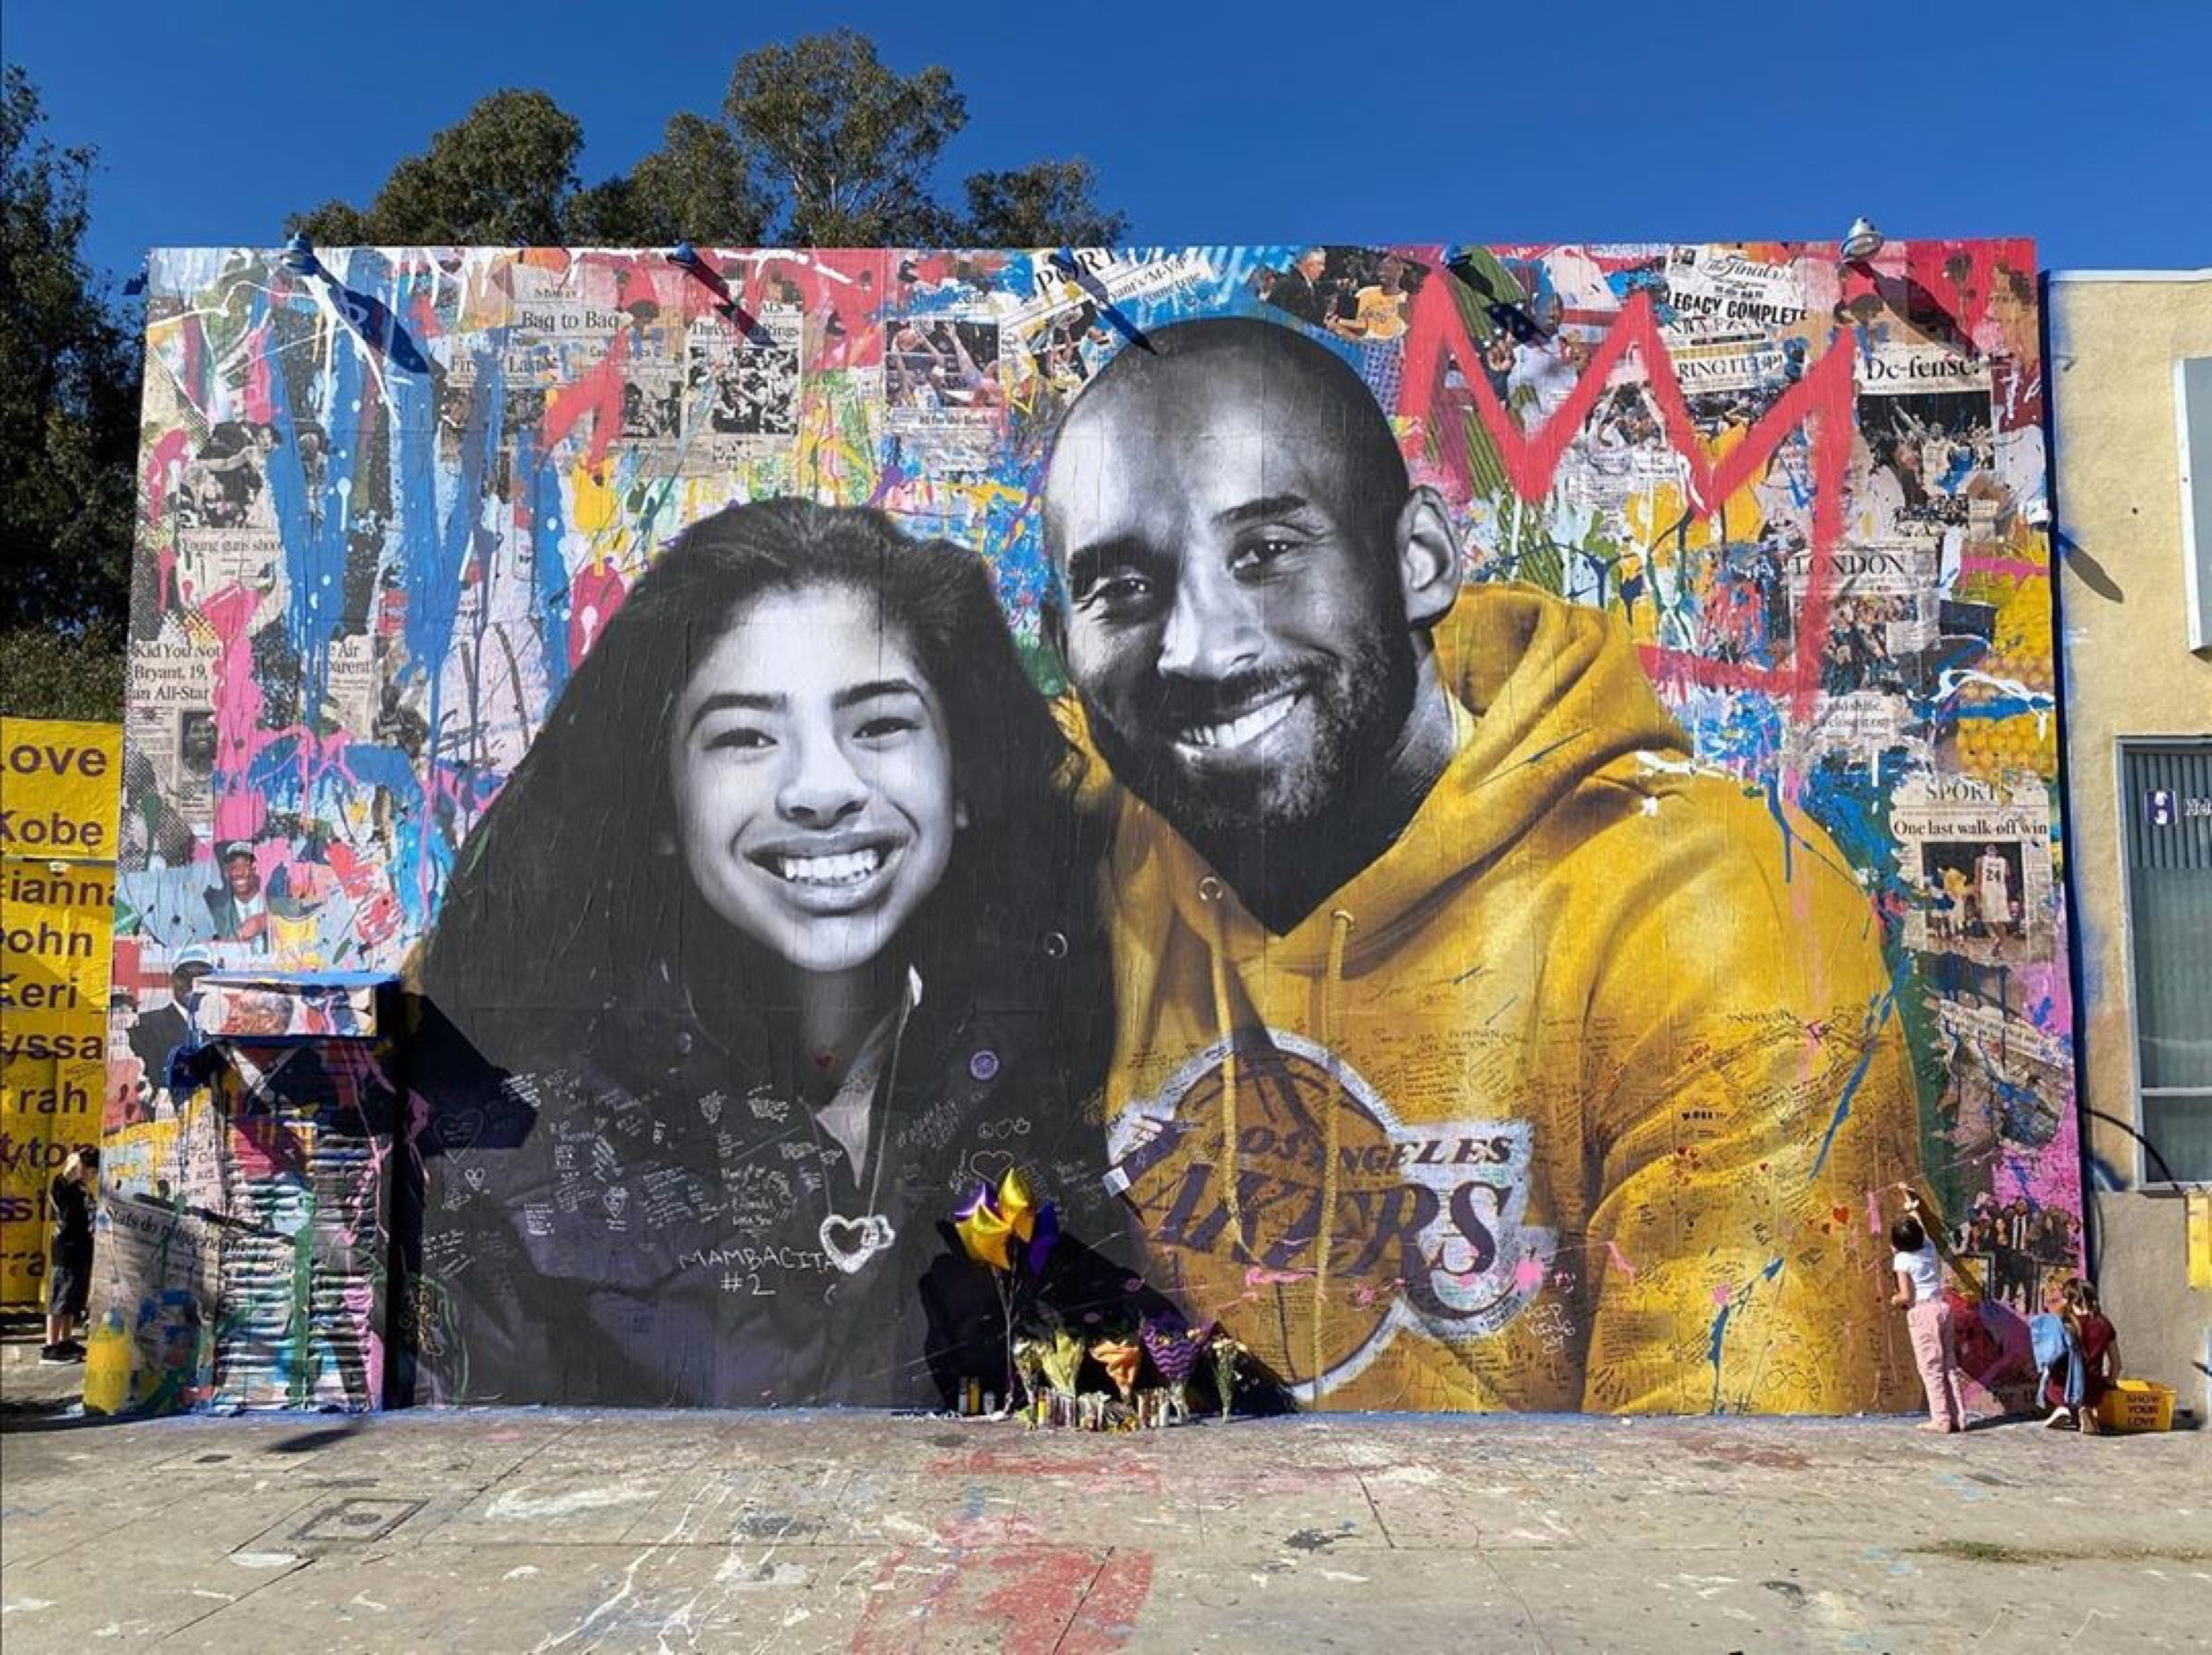 Kobe Bryant Murals in Los Angeles